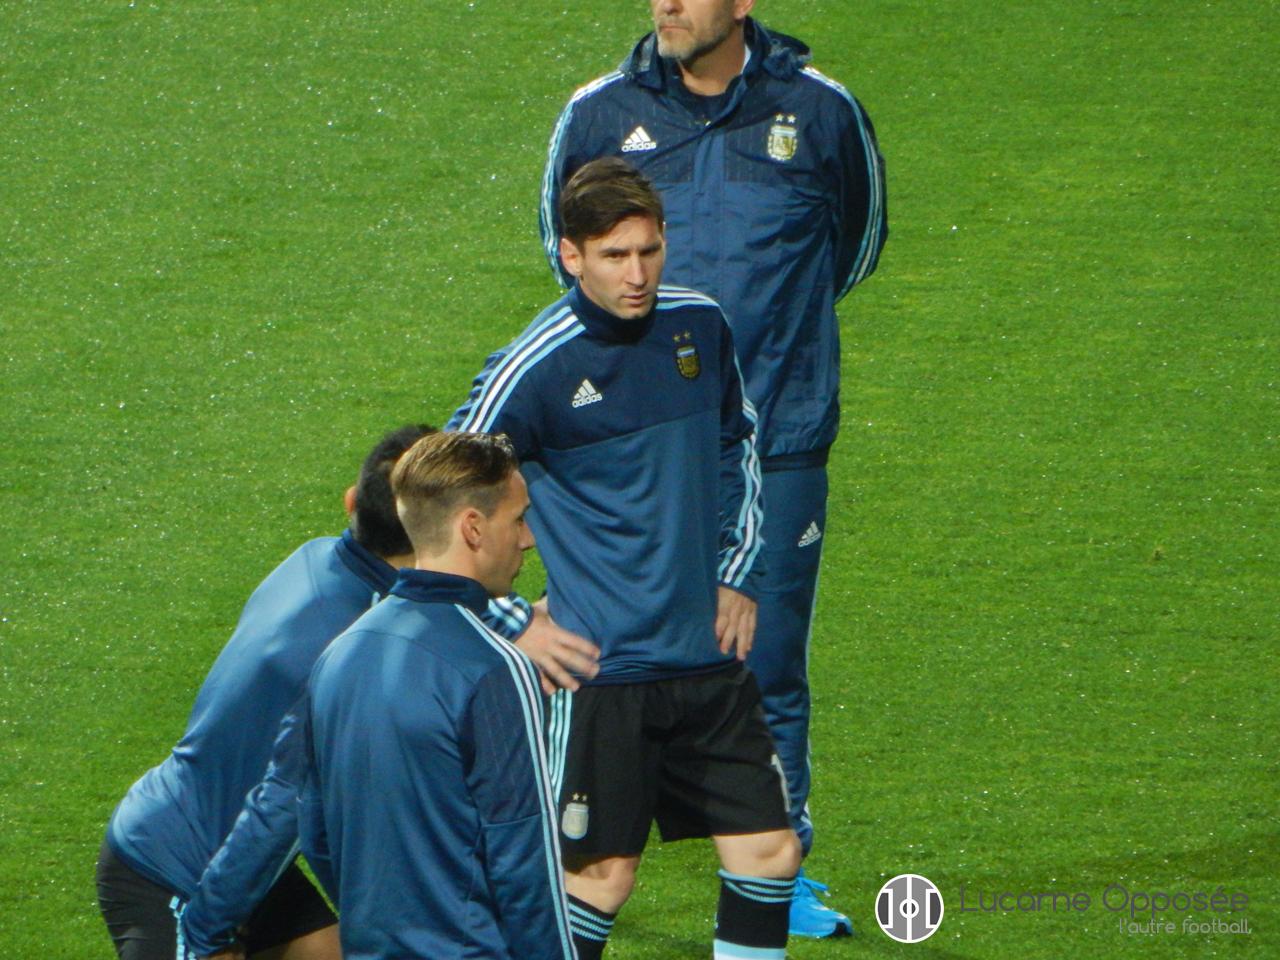 joueur argentin célèbre